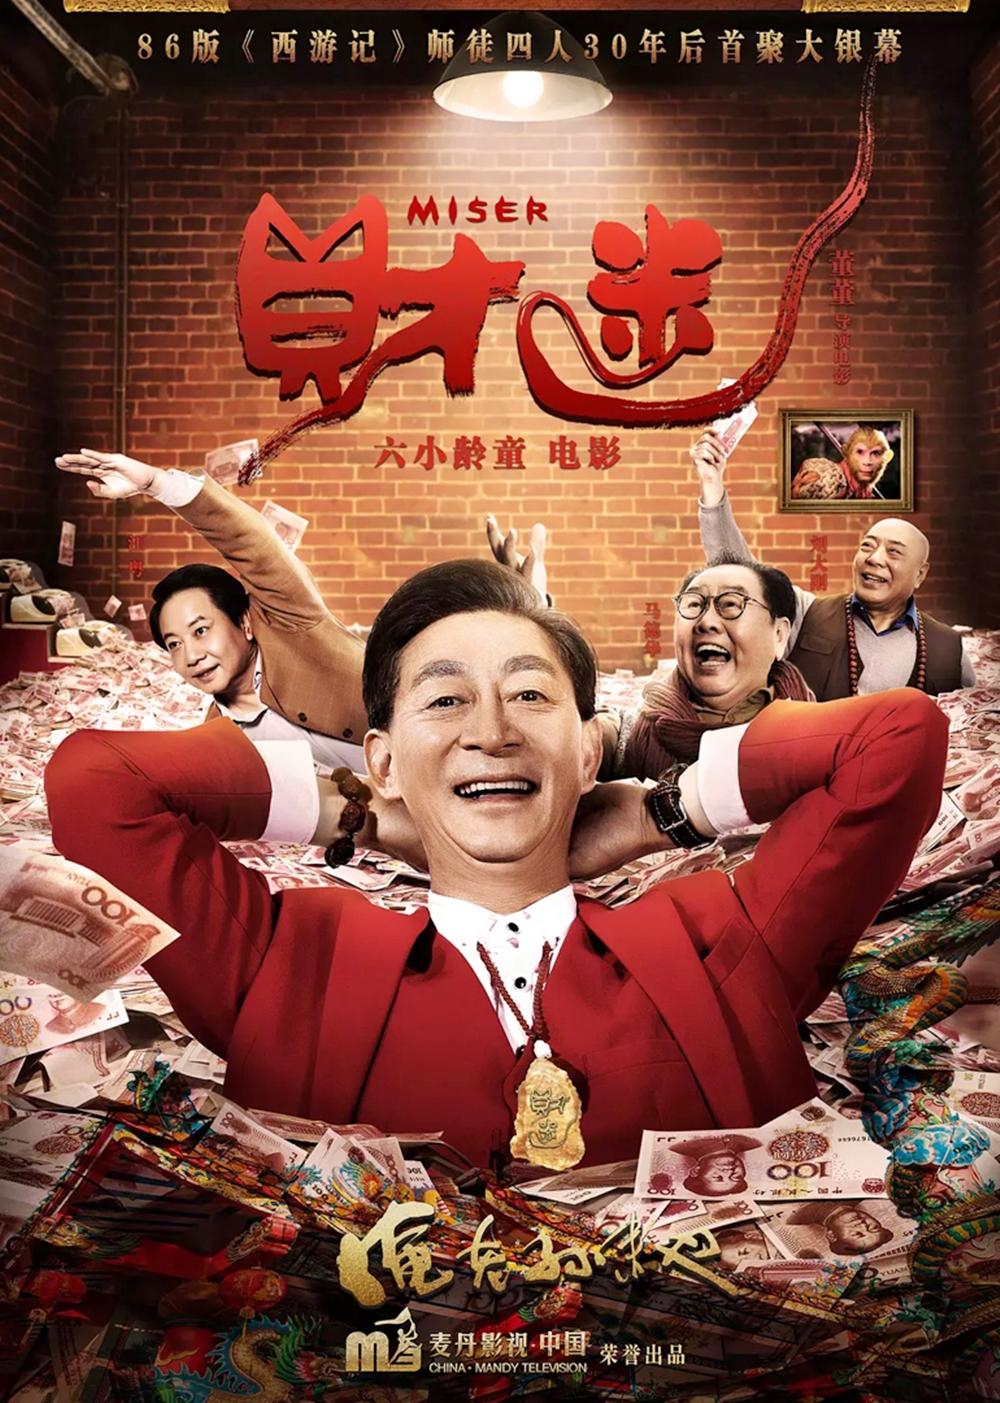 Poster phim có Lục Tiểu Linh Đồng, Uông Việt, Mã Đức Hoa, Lưu Đại Cương - từng đóng bốn thầy trò Đường Tăng trong Tây du ký 1986. Ảnh: Iqiyi.